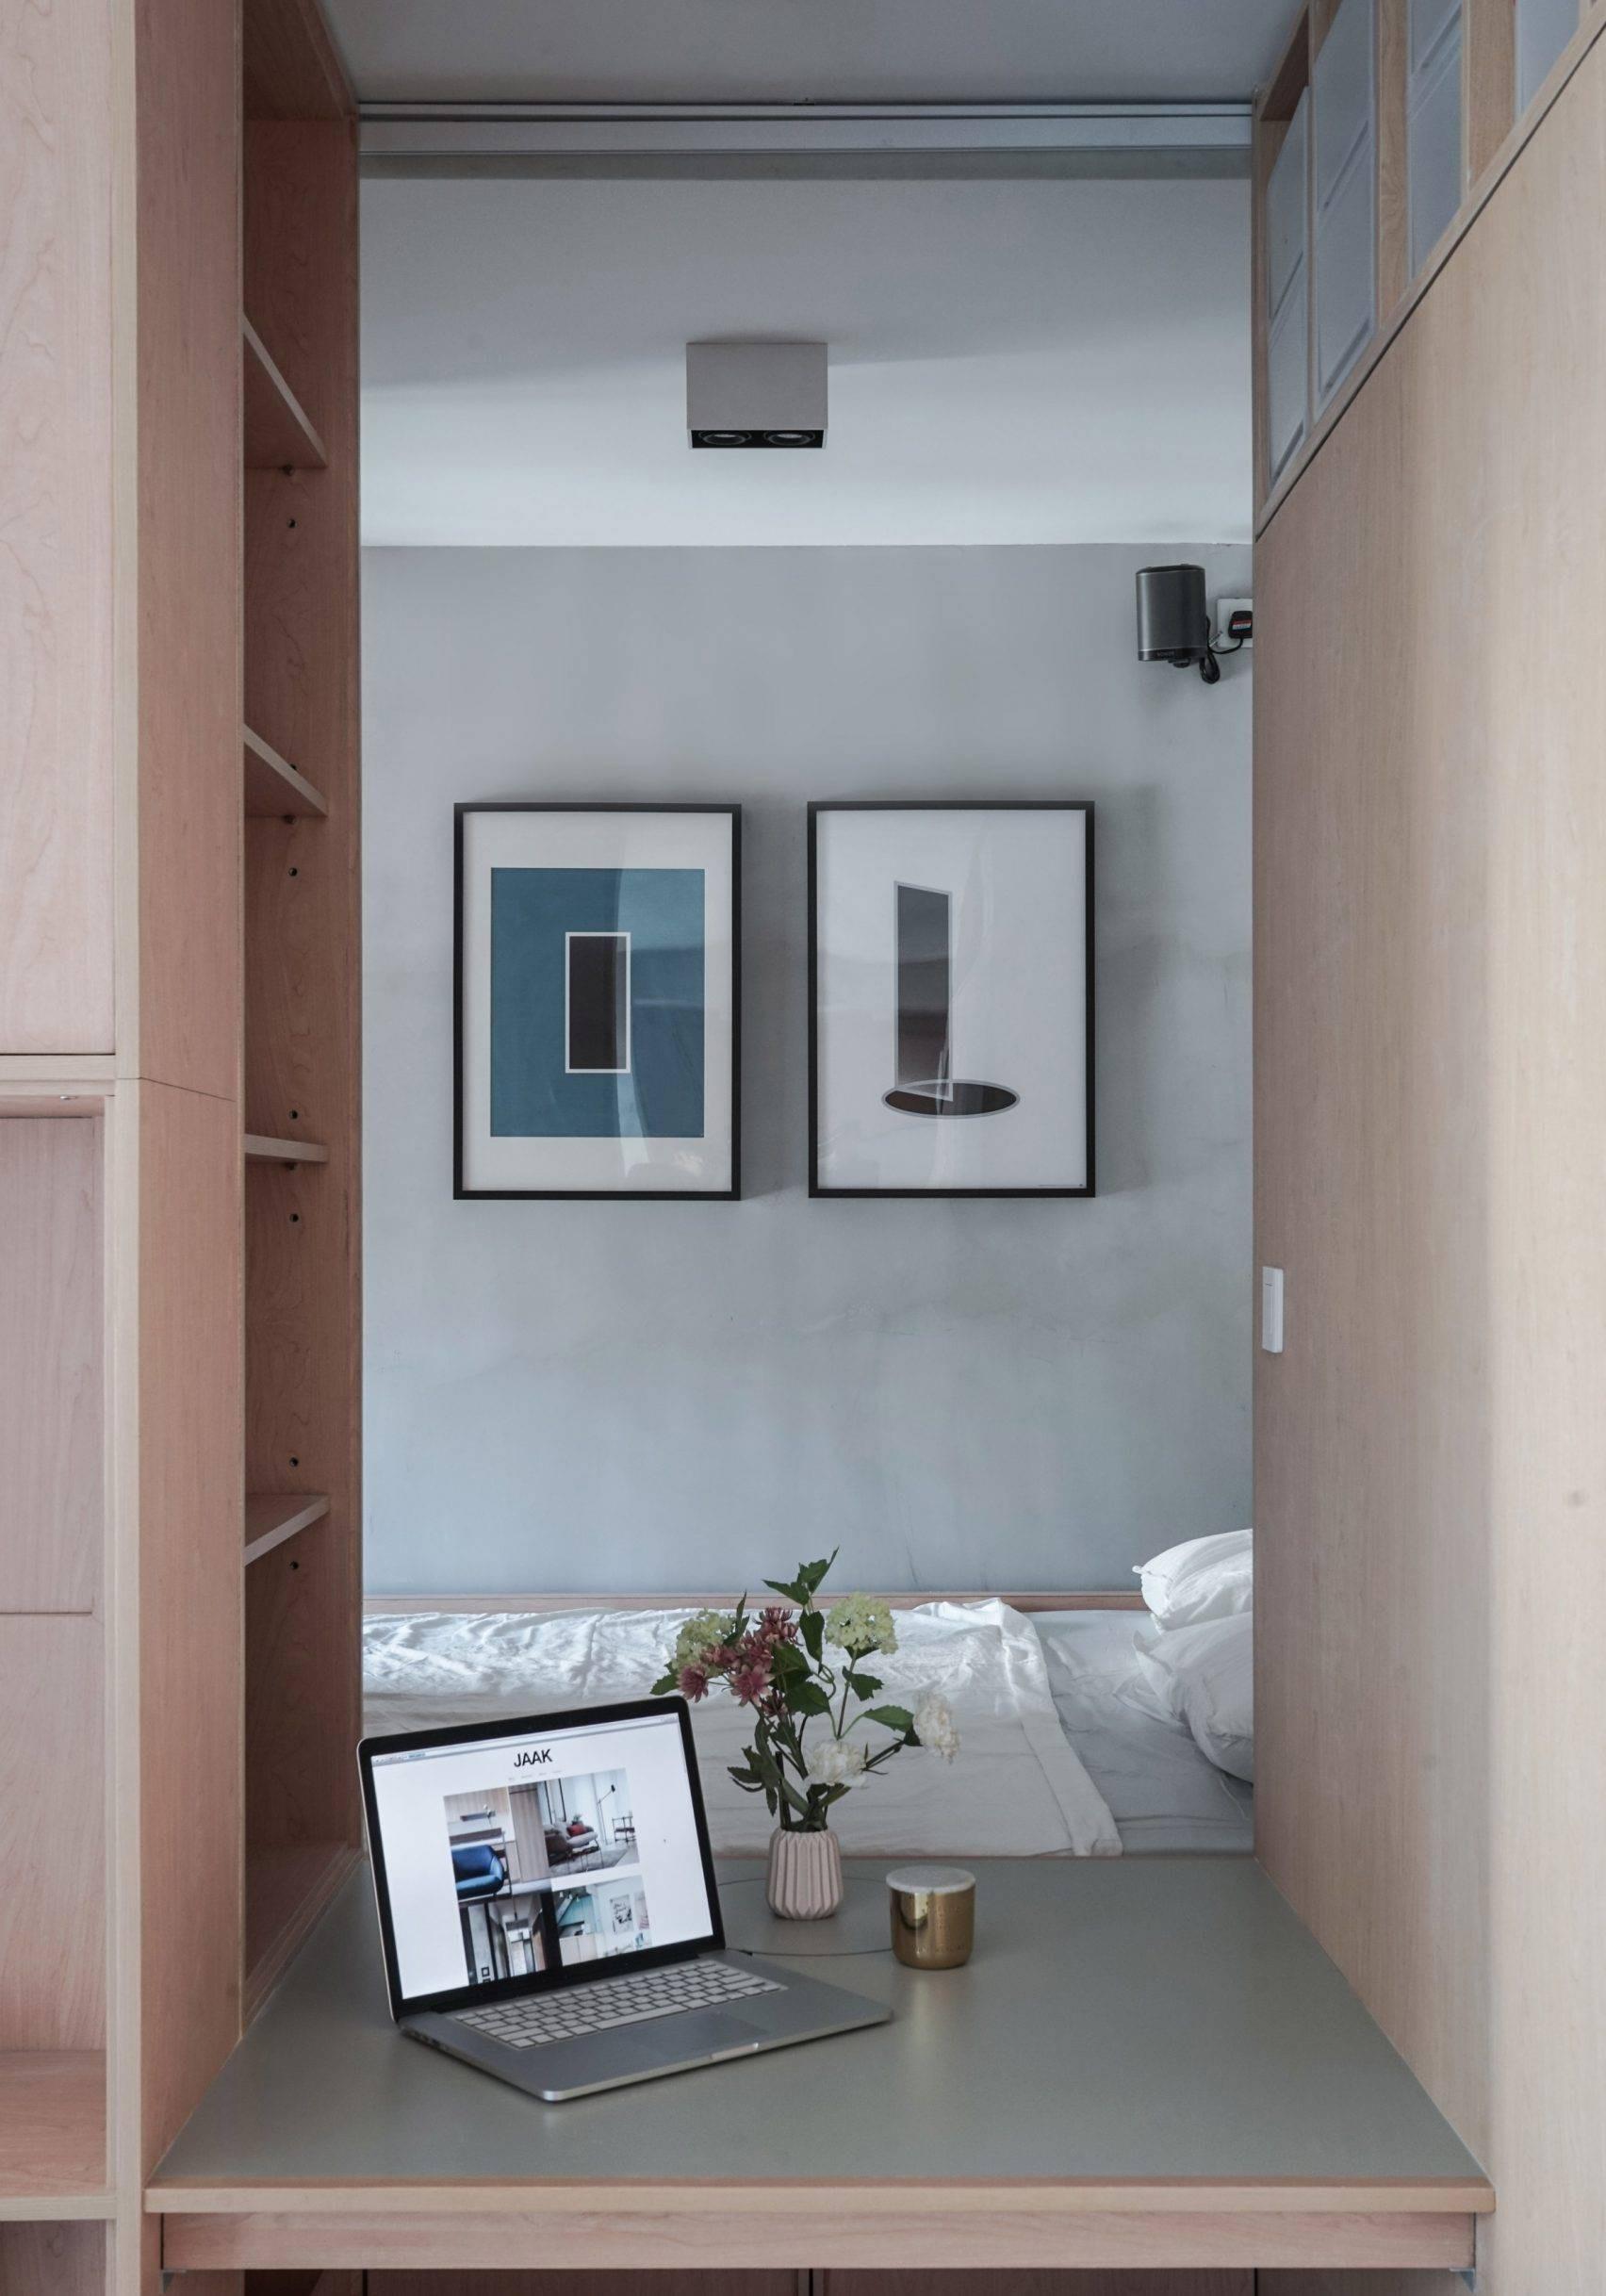 Ở nơi nhà đắt nhất thế giới, căn hộ nhỏ của cặp vợ chồng trẻ trở nên rộng gấp đôi nhờ giải pháp này - Ảnh 4.